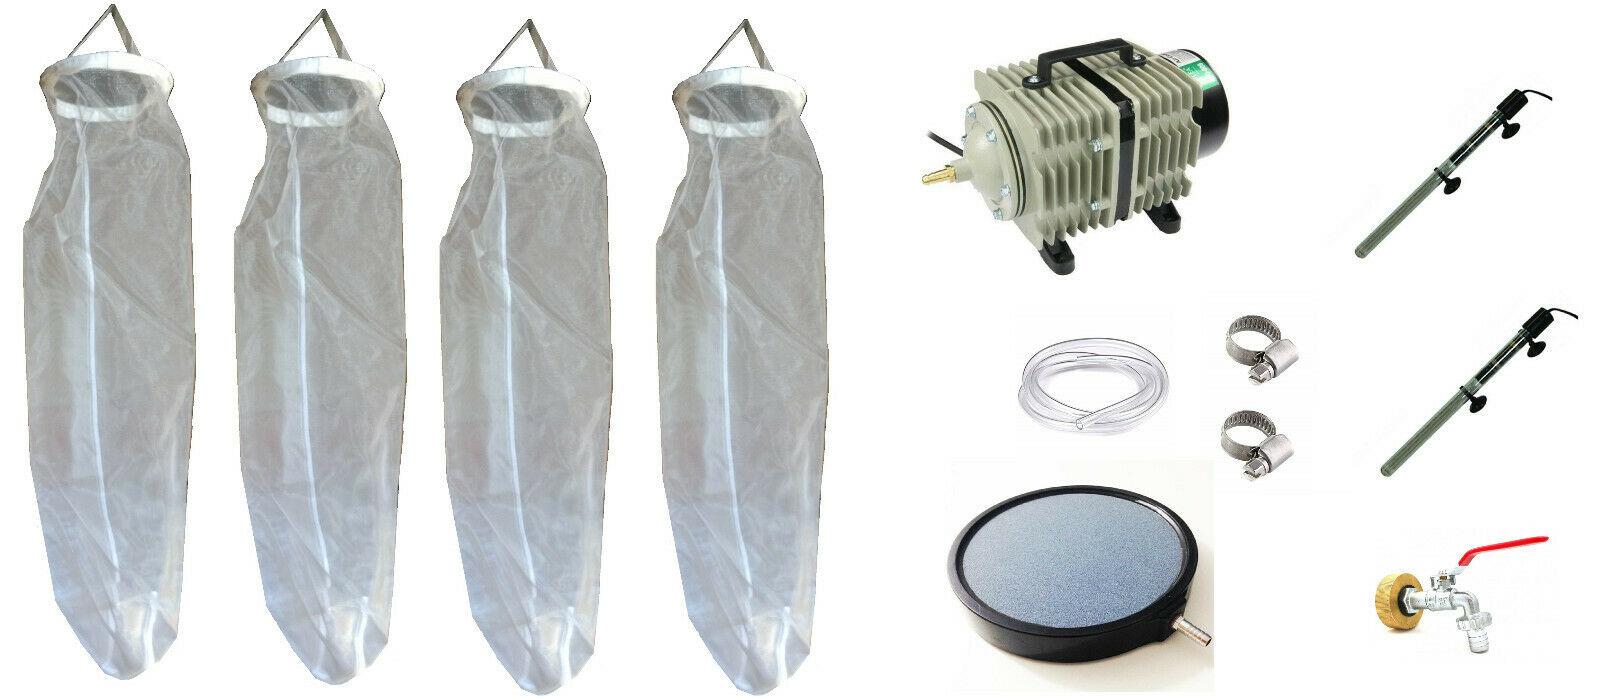 Matériel Tco Pour Cuve 1000L Pompe Ac300A Thé Compost Aéré avec Robinet Pour Cuve 1000L